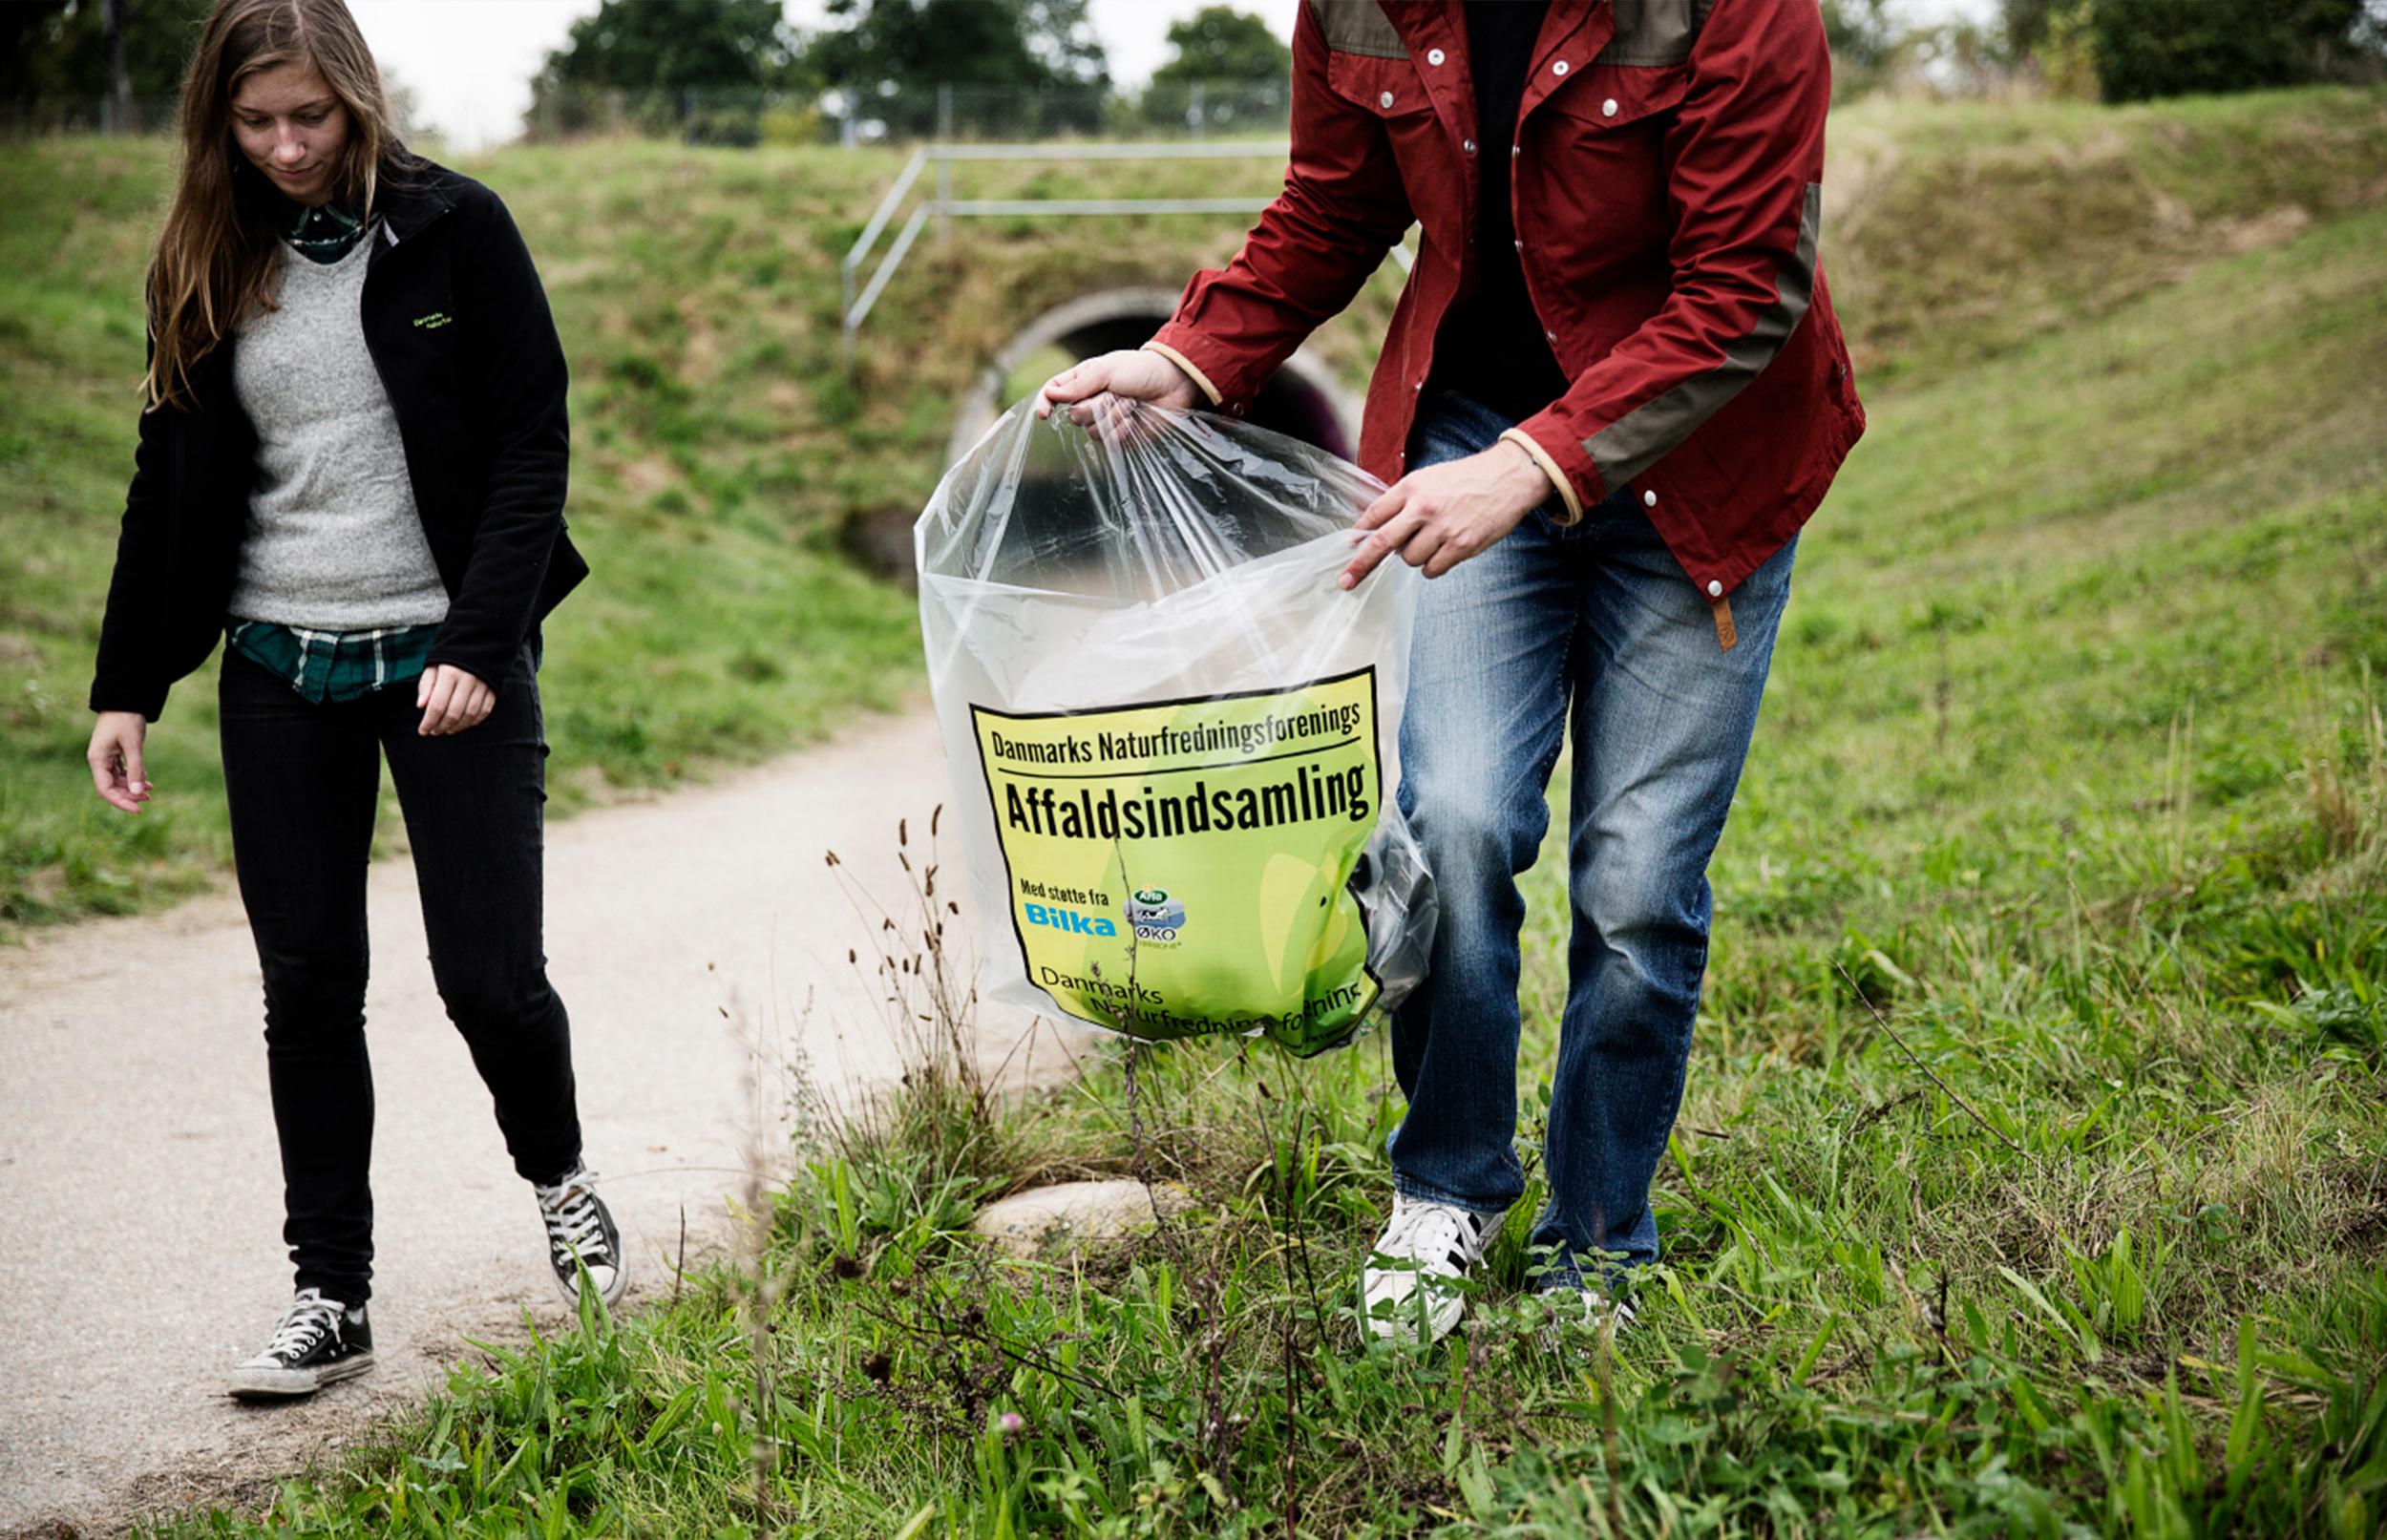 Affaldsindsamling udsættes til september